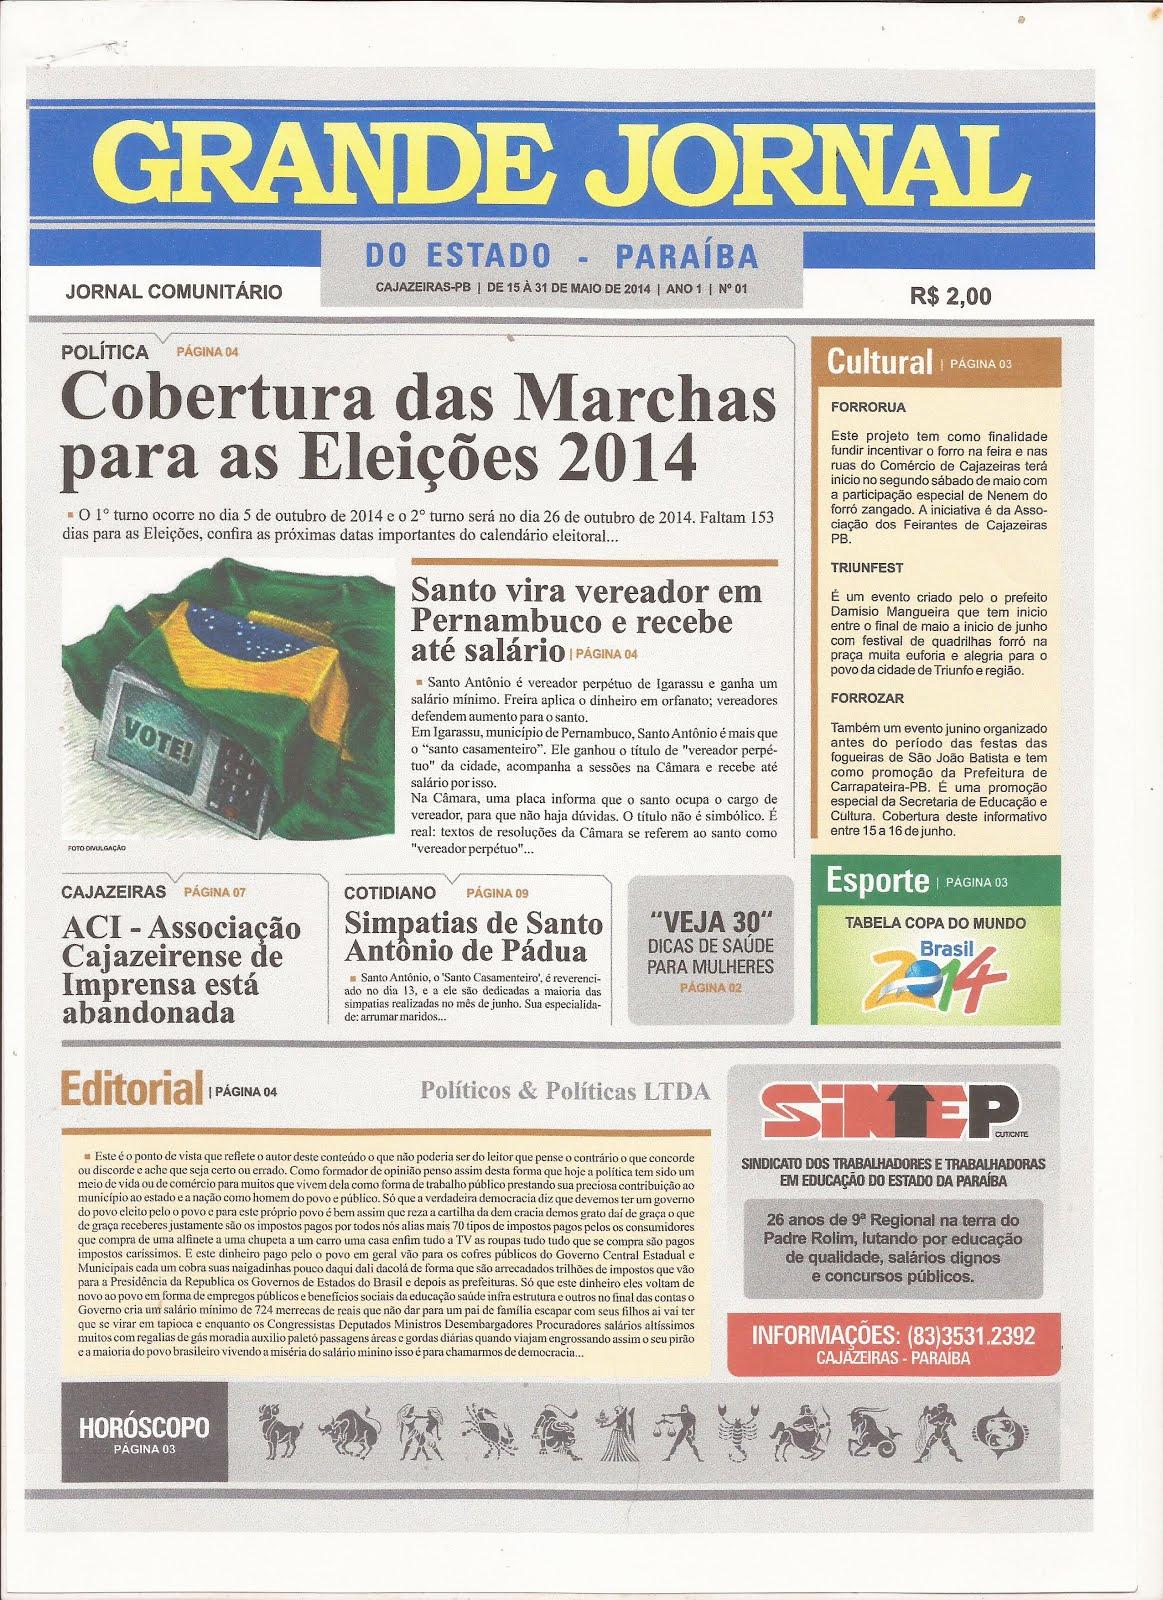 GRANDE JORNAL  DO ESTADO PB   PÁGINAS DE ARQUIVOS  EDIÇÕES ANTERIORES COBERTURA  DAS ELEIÇÕES